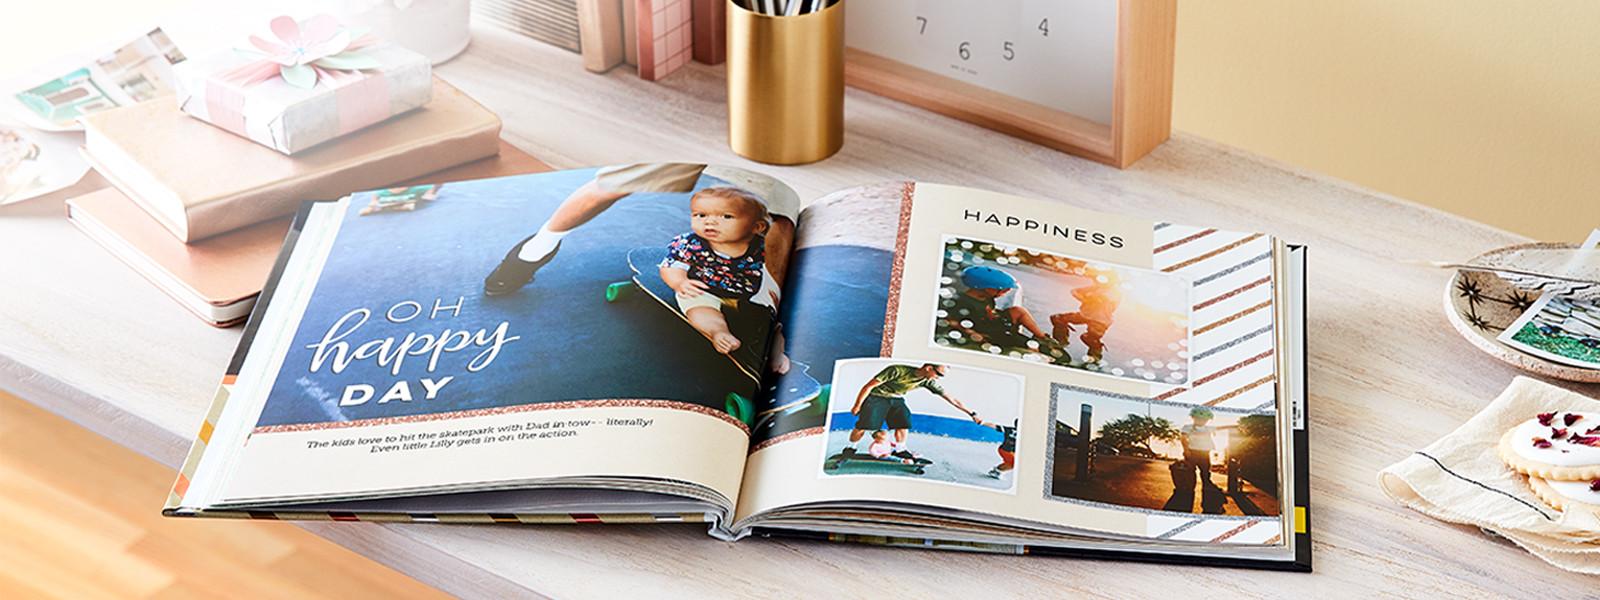 Photo Books Photo Books u0026 Photo Albums